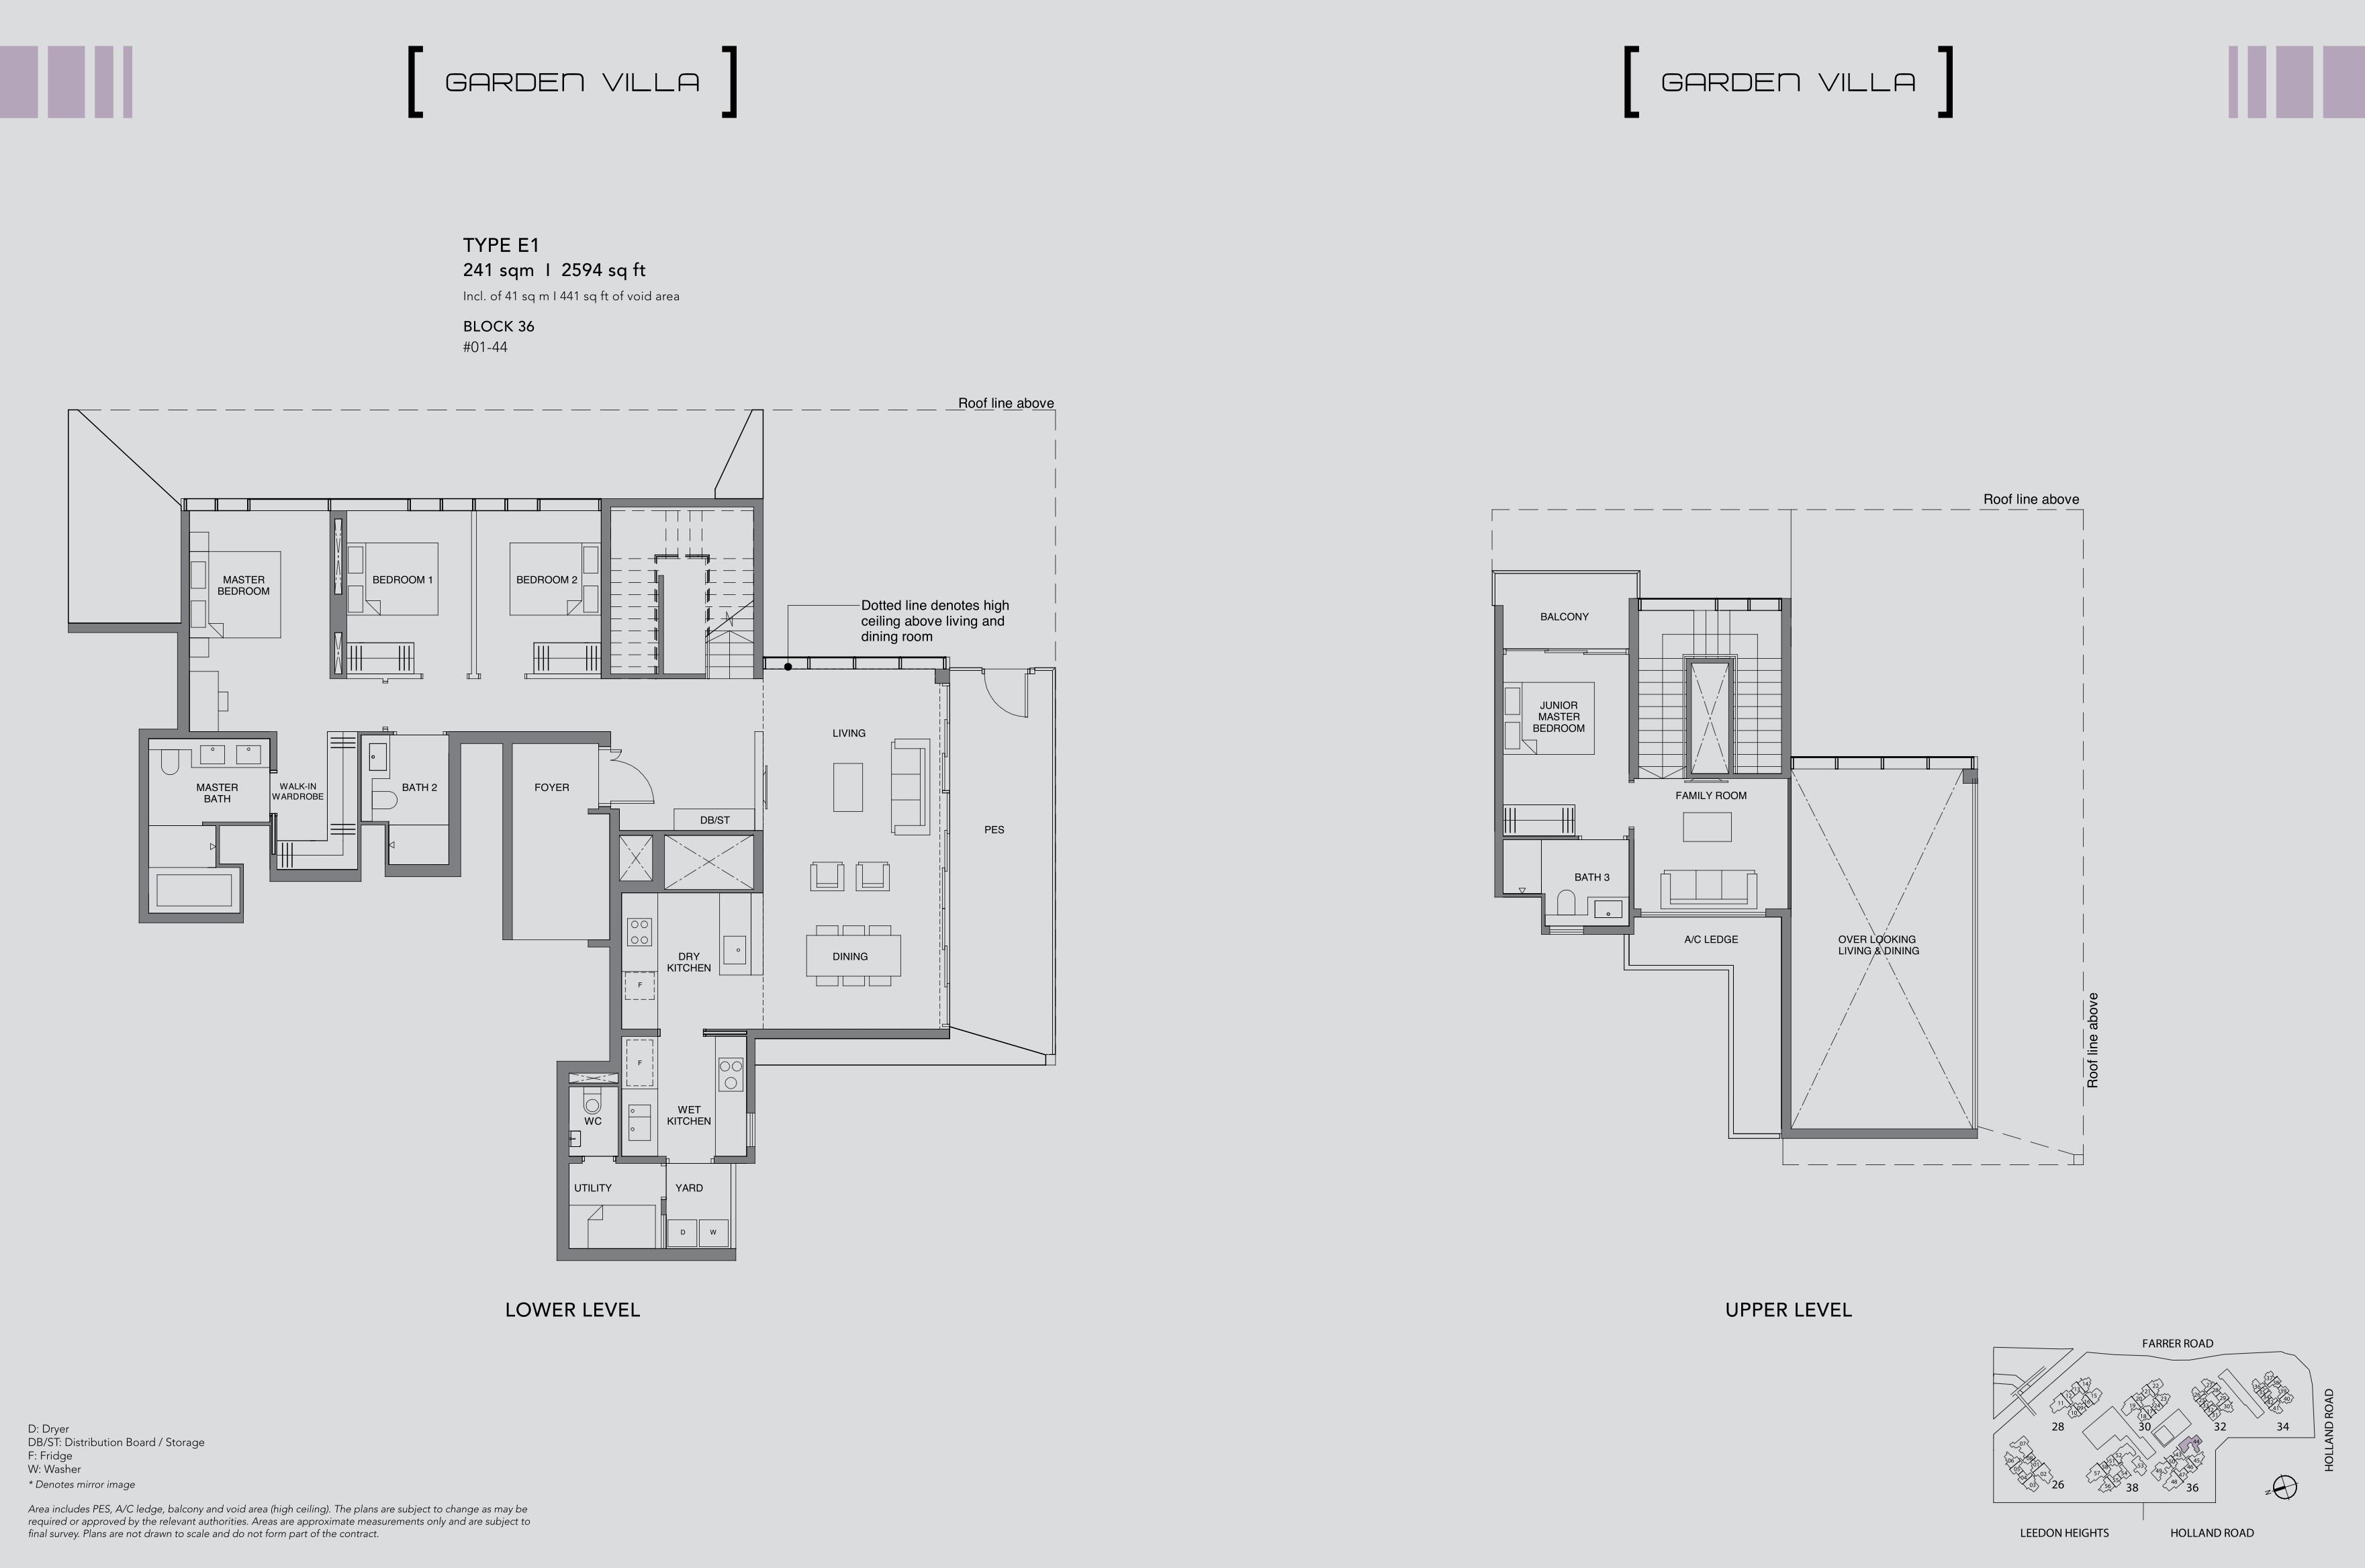 绿墩雅苑公寓户型图 Leedon Green floor plan Garden villa 4 Bedroom E1